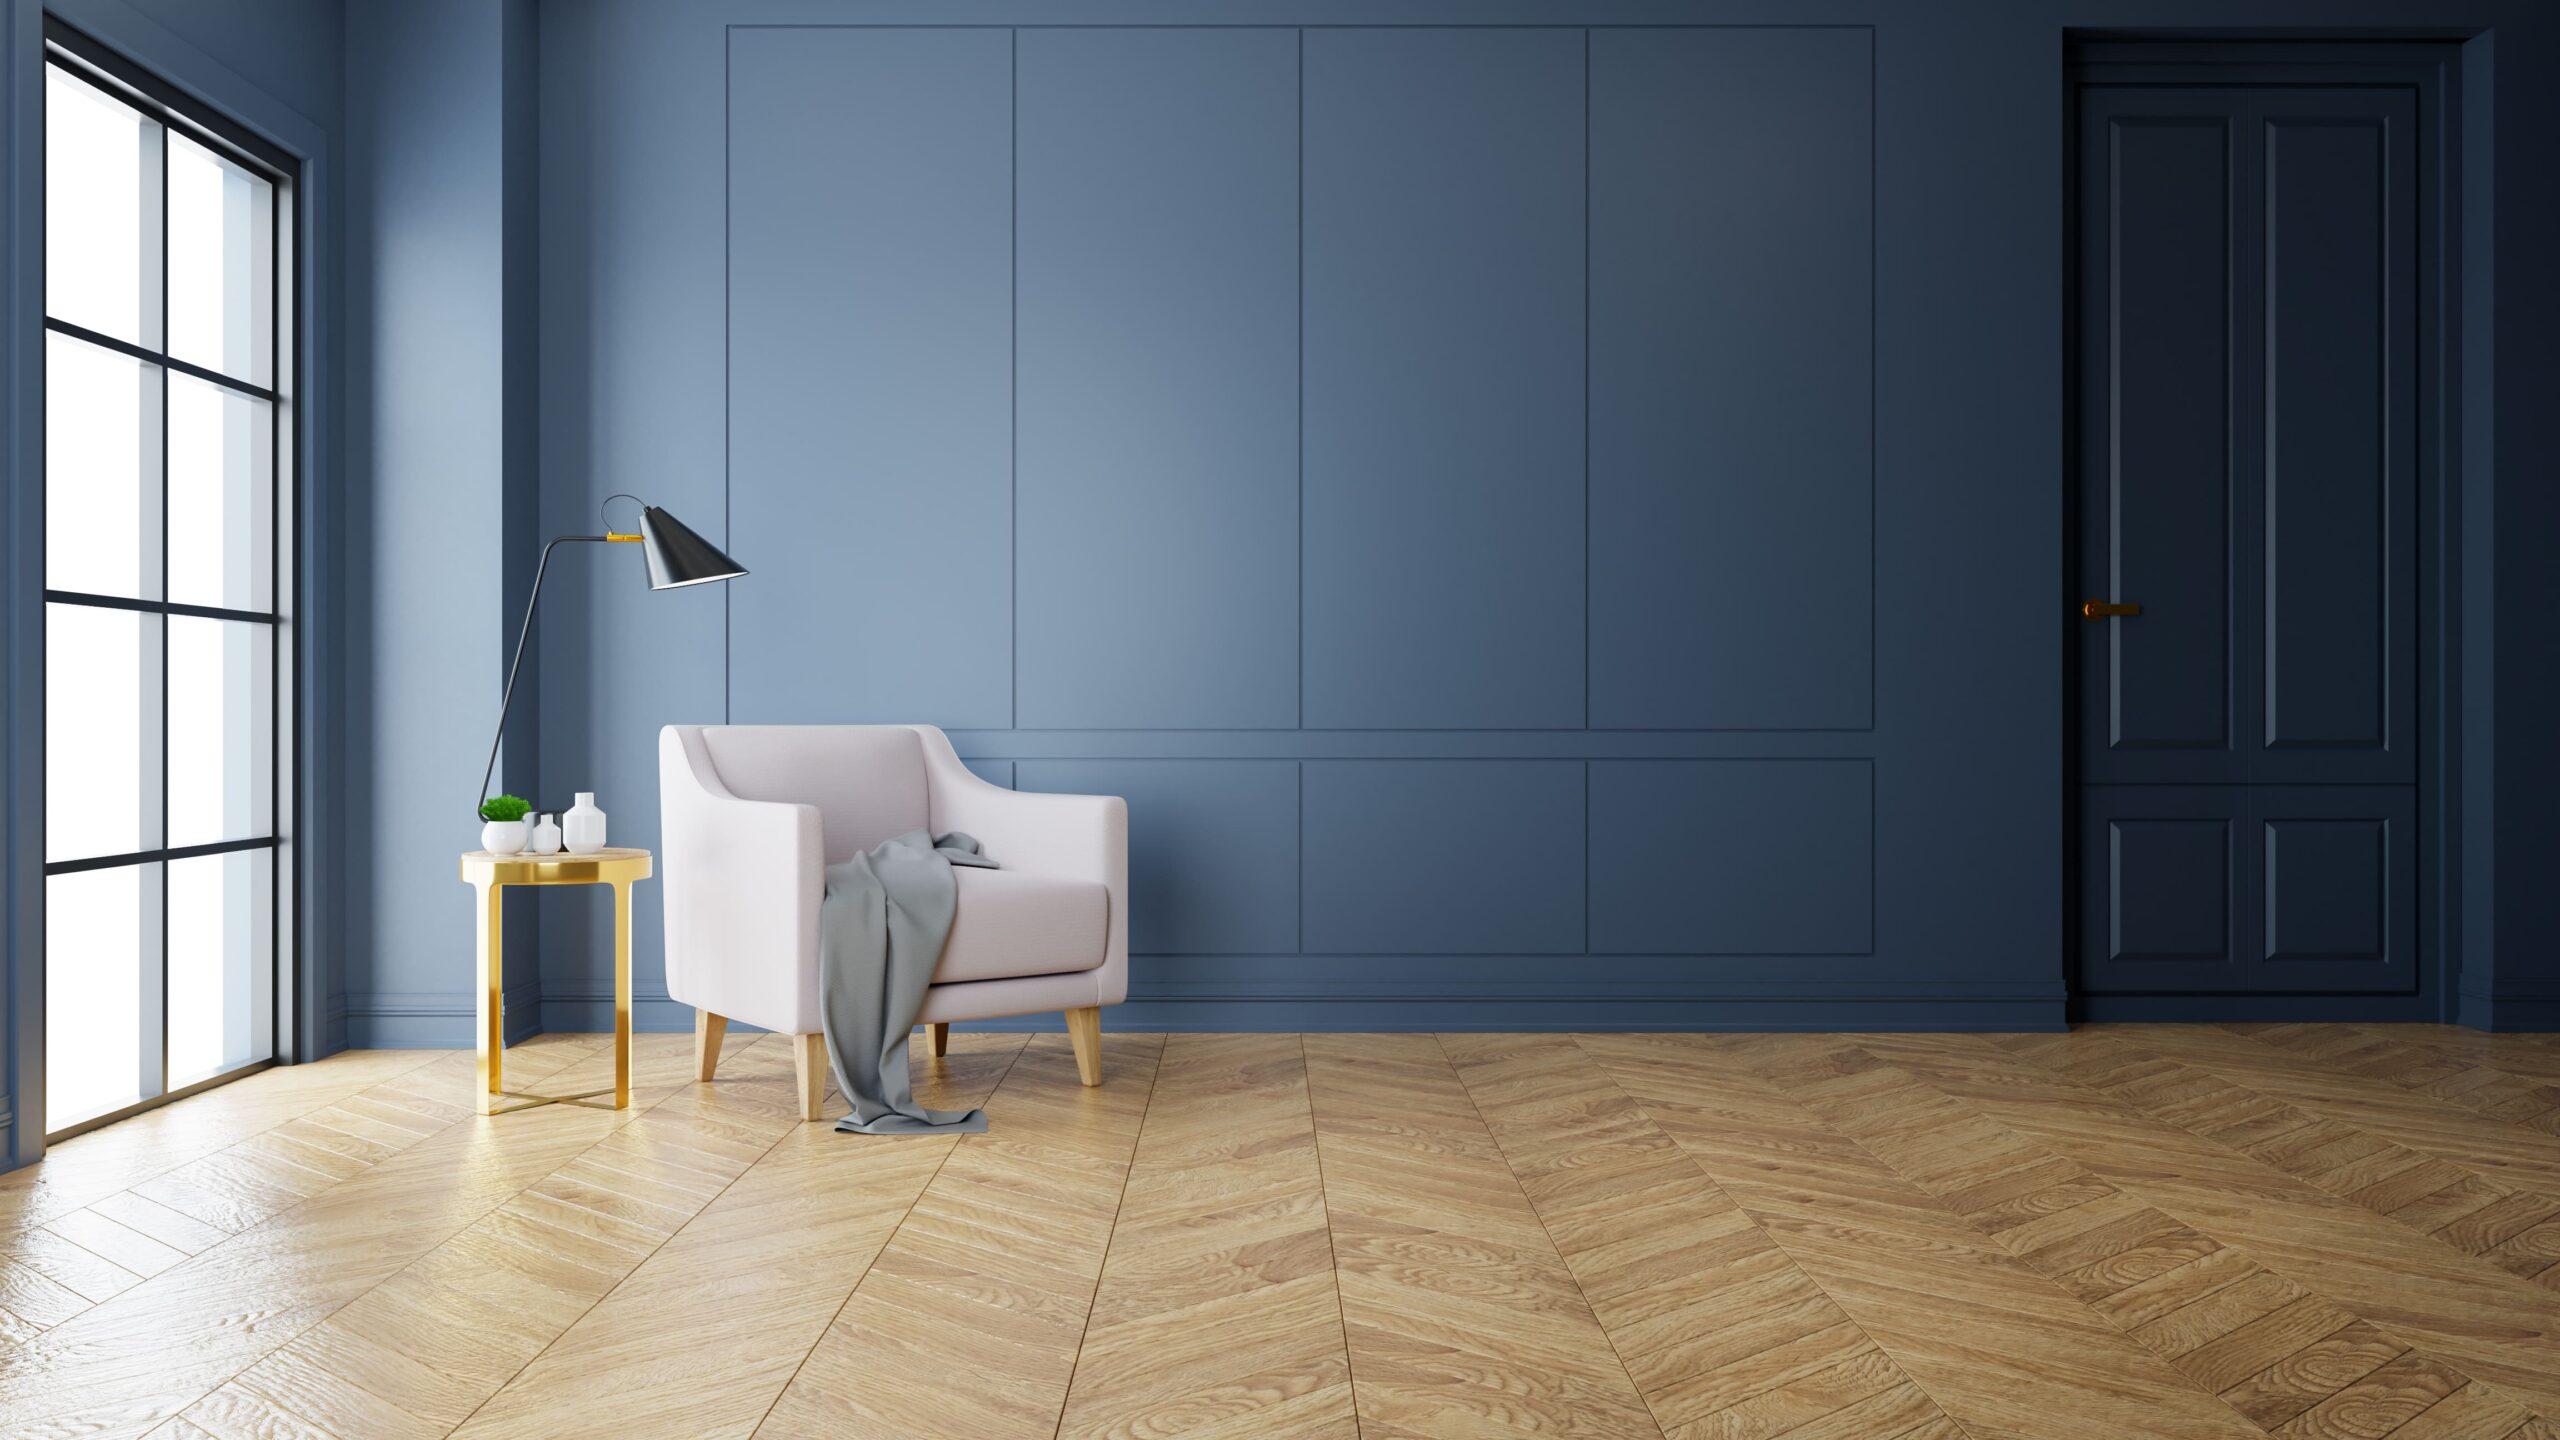 Podlaha dřevěná, laminátová, vinylová